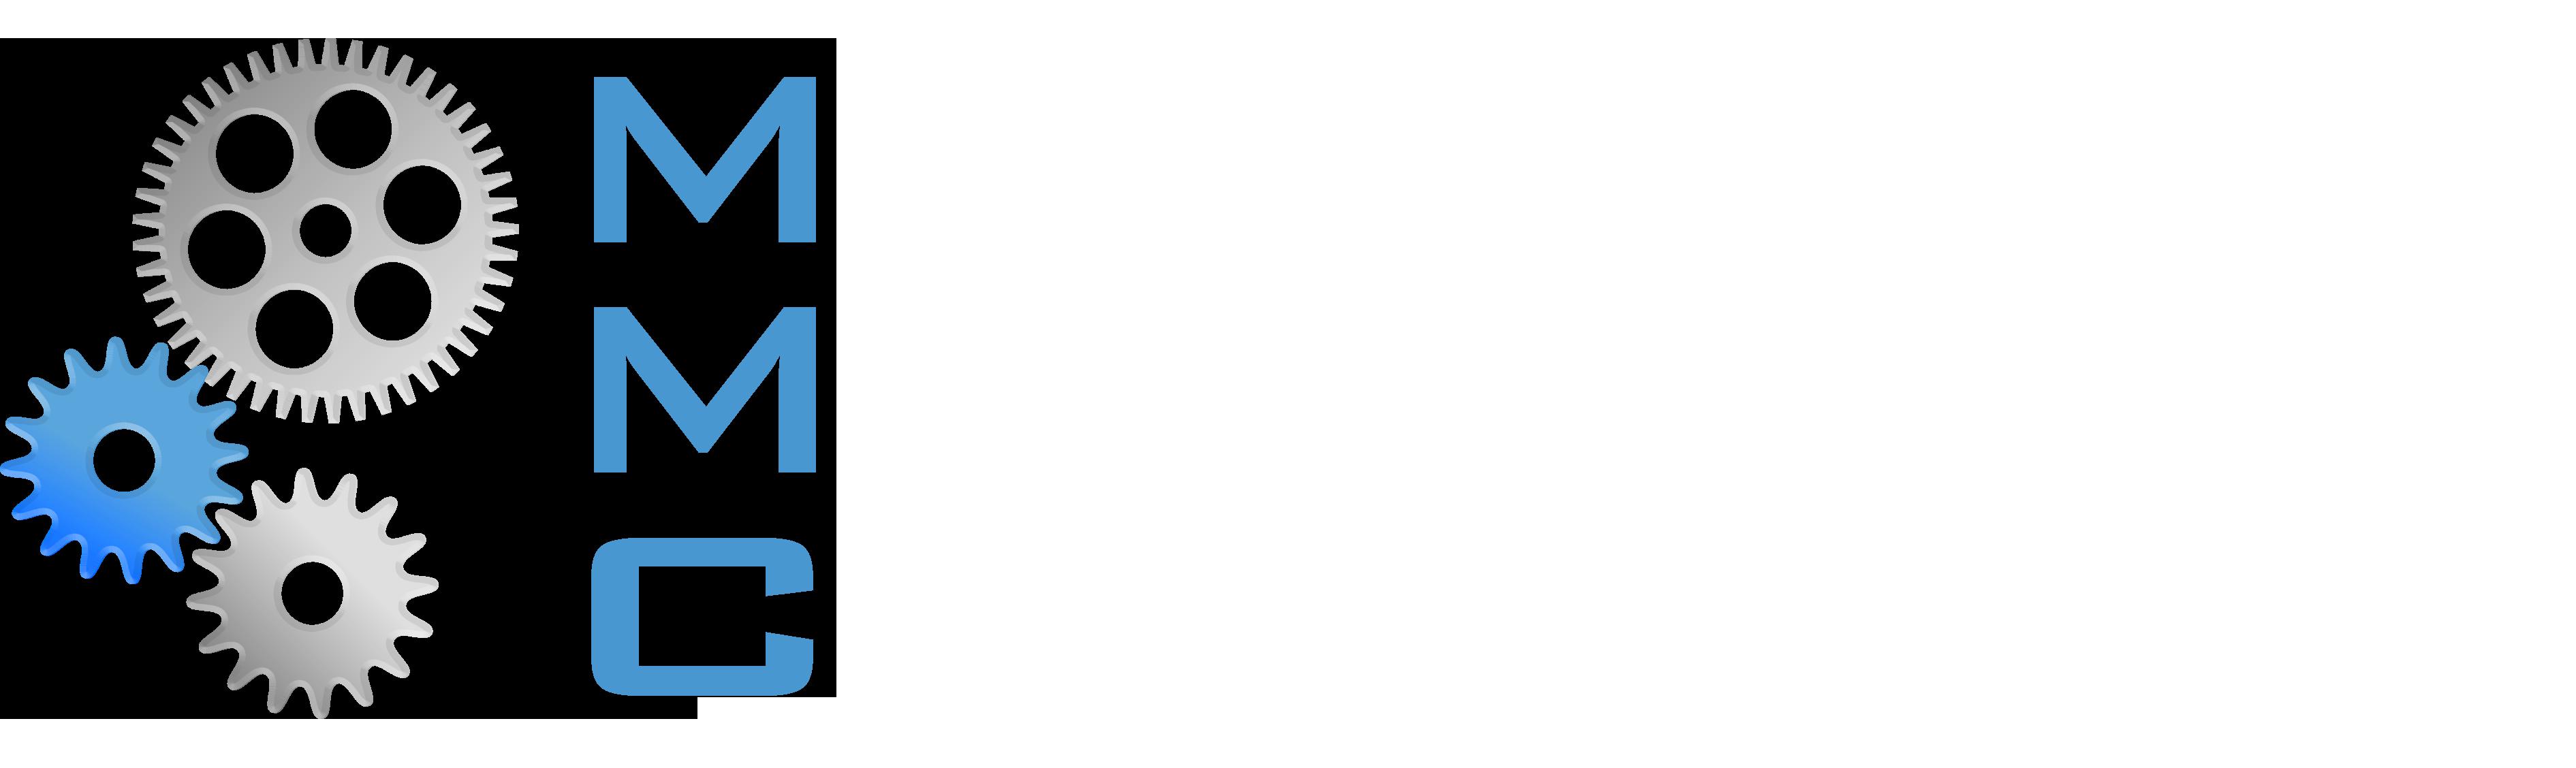 MMCLA logo